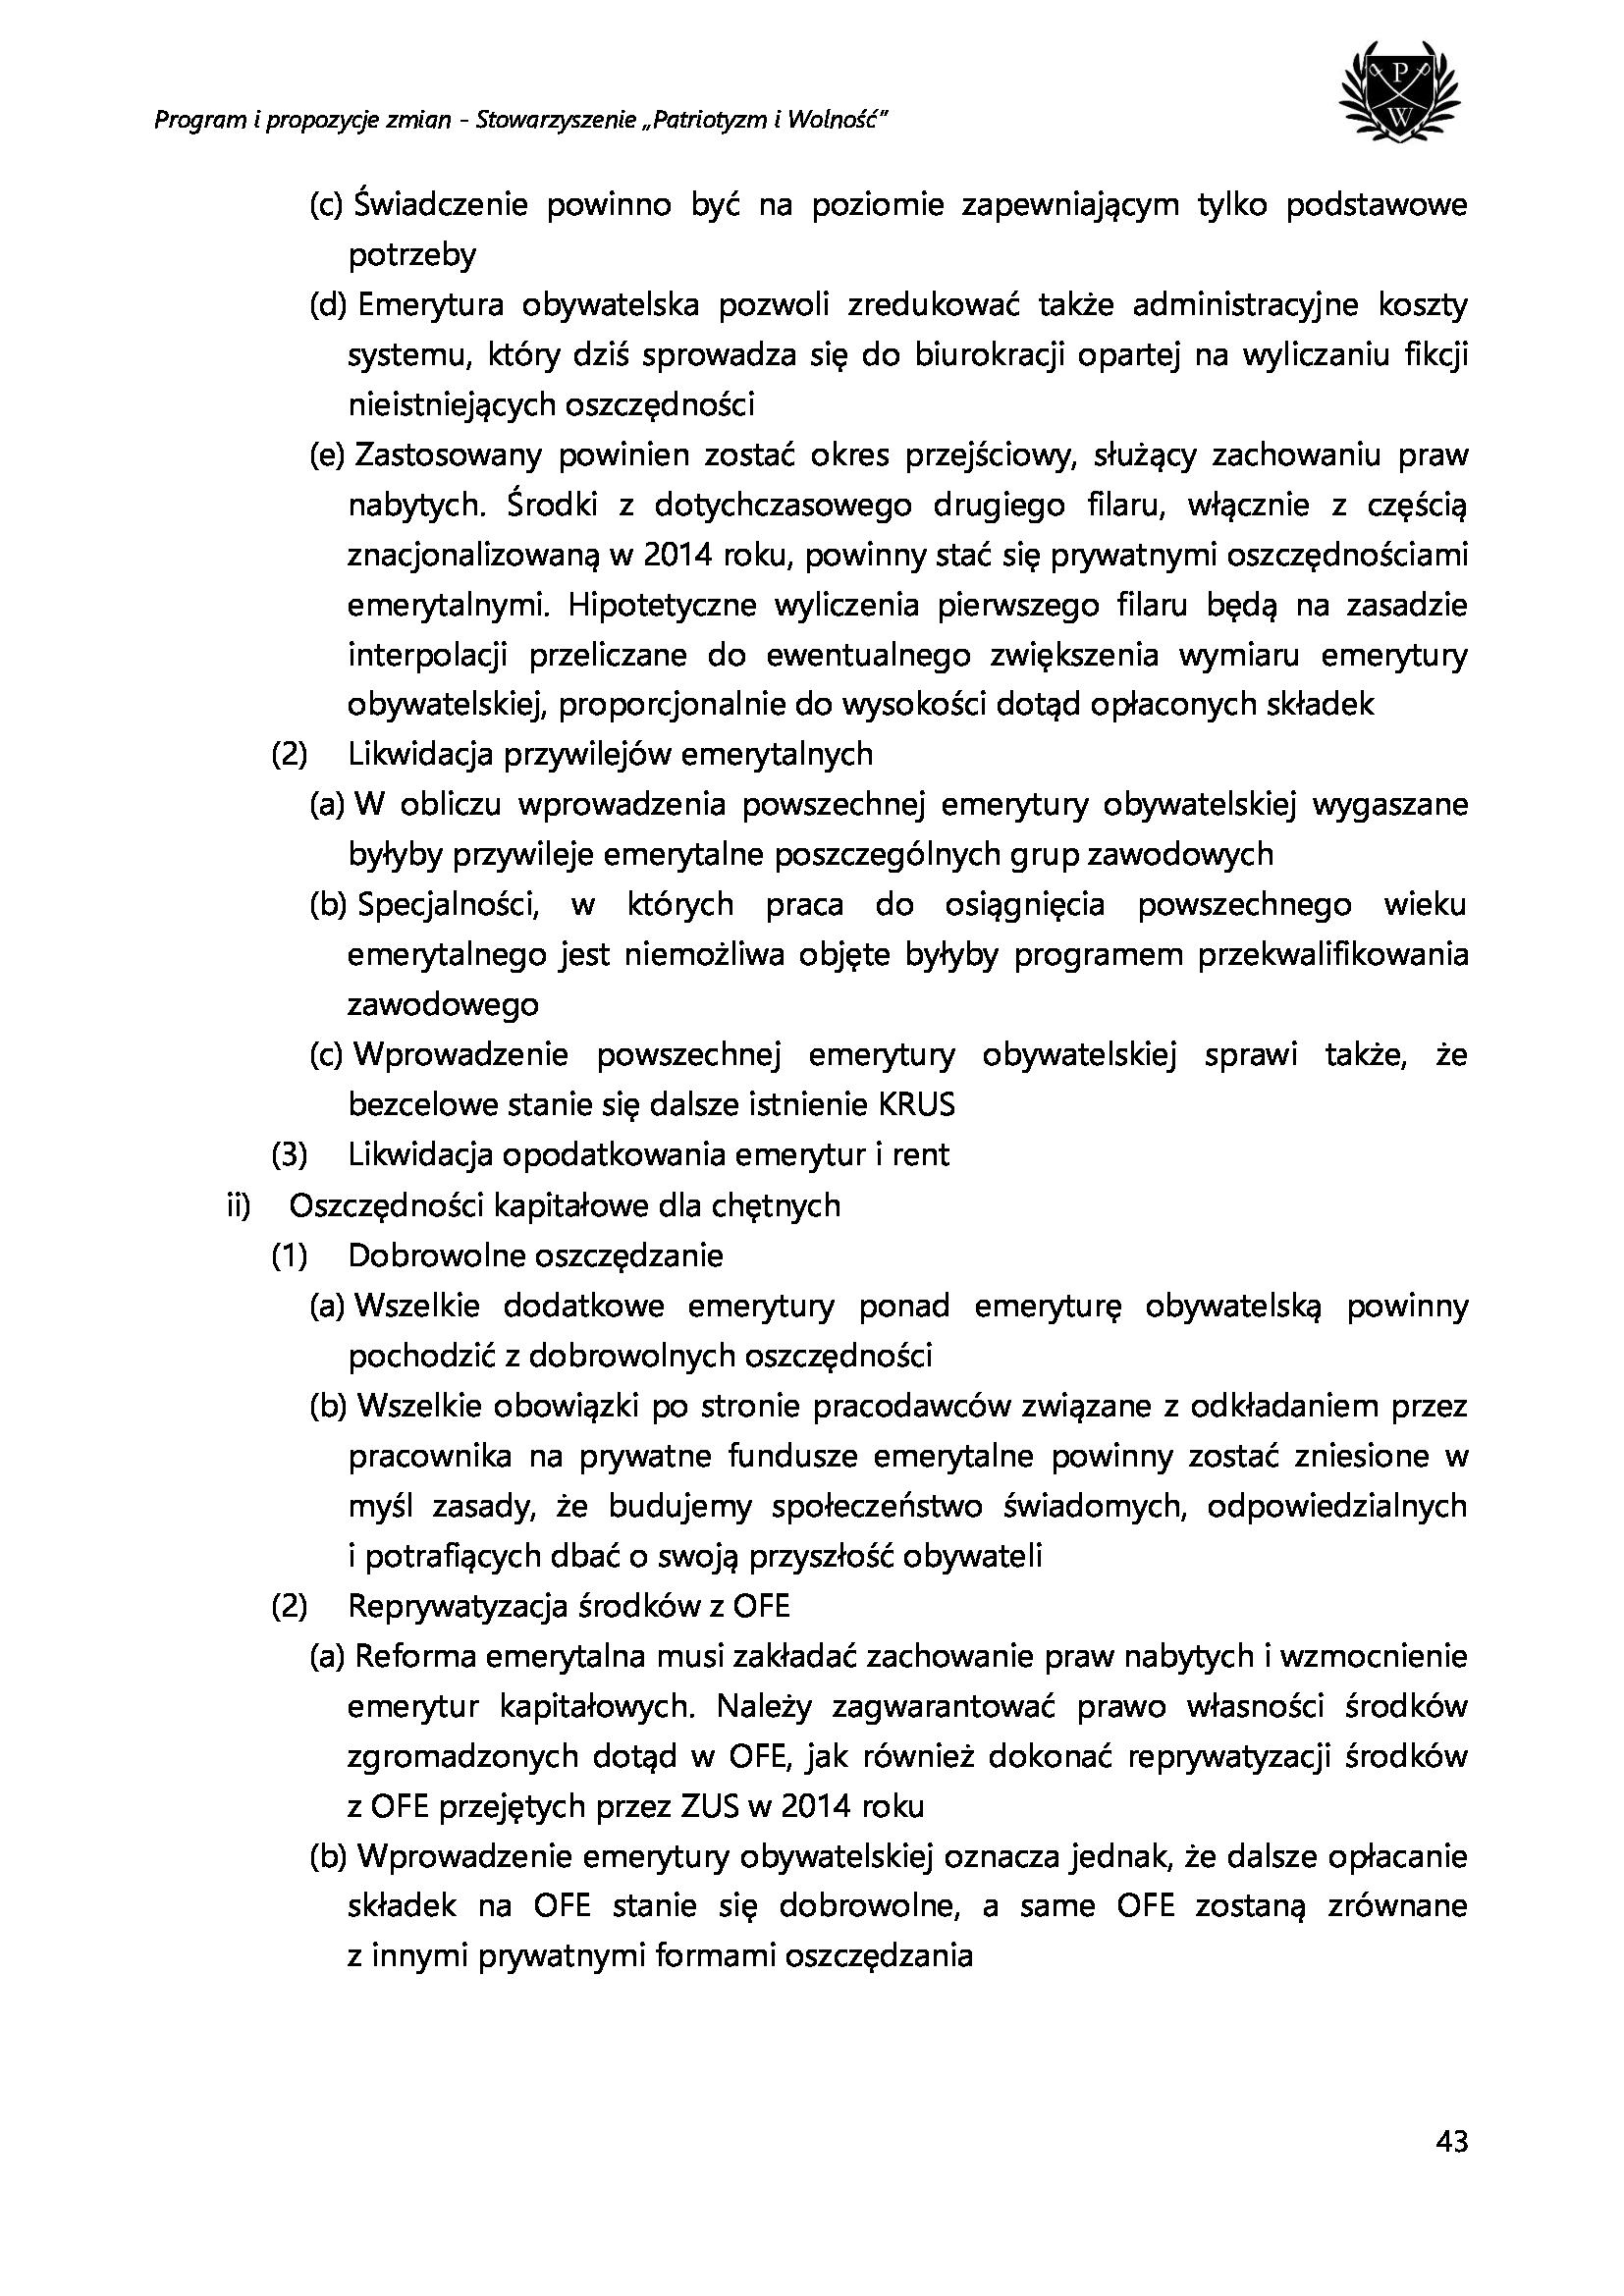 db9e272ef5a9a2e66d26f1905be6c507-43